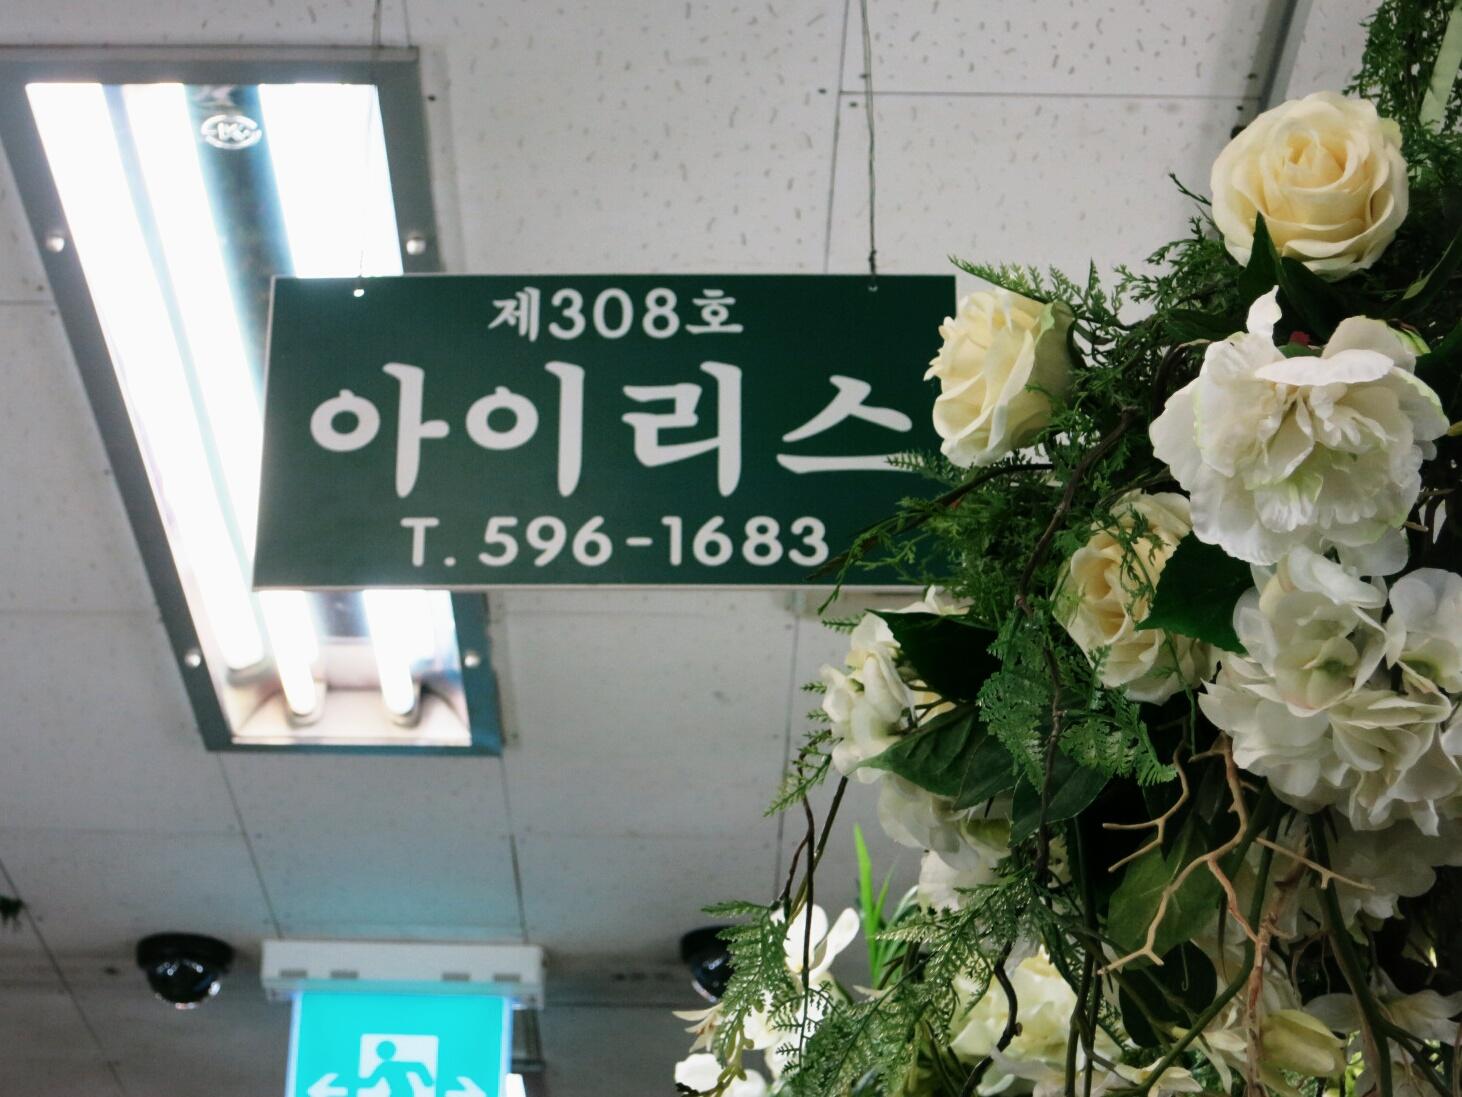 7月ソウル旅 ⑭高速バスターミナル・花市場❤造花編_f0236260_3472610.jpg